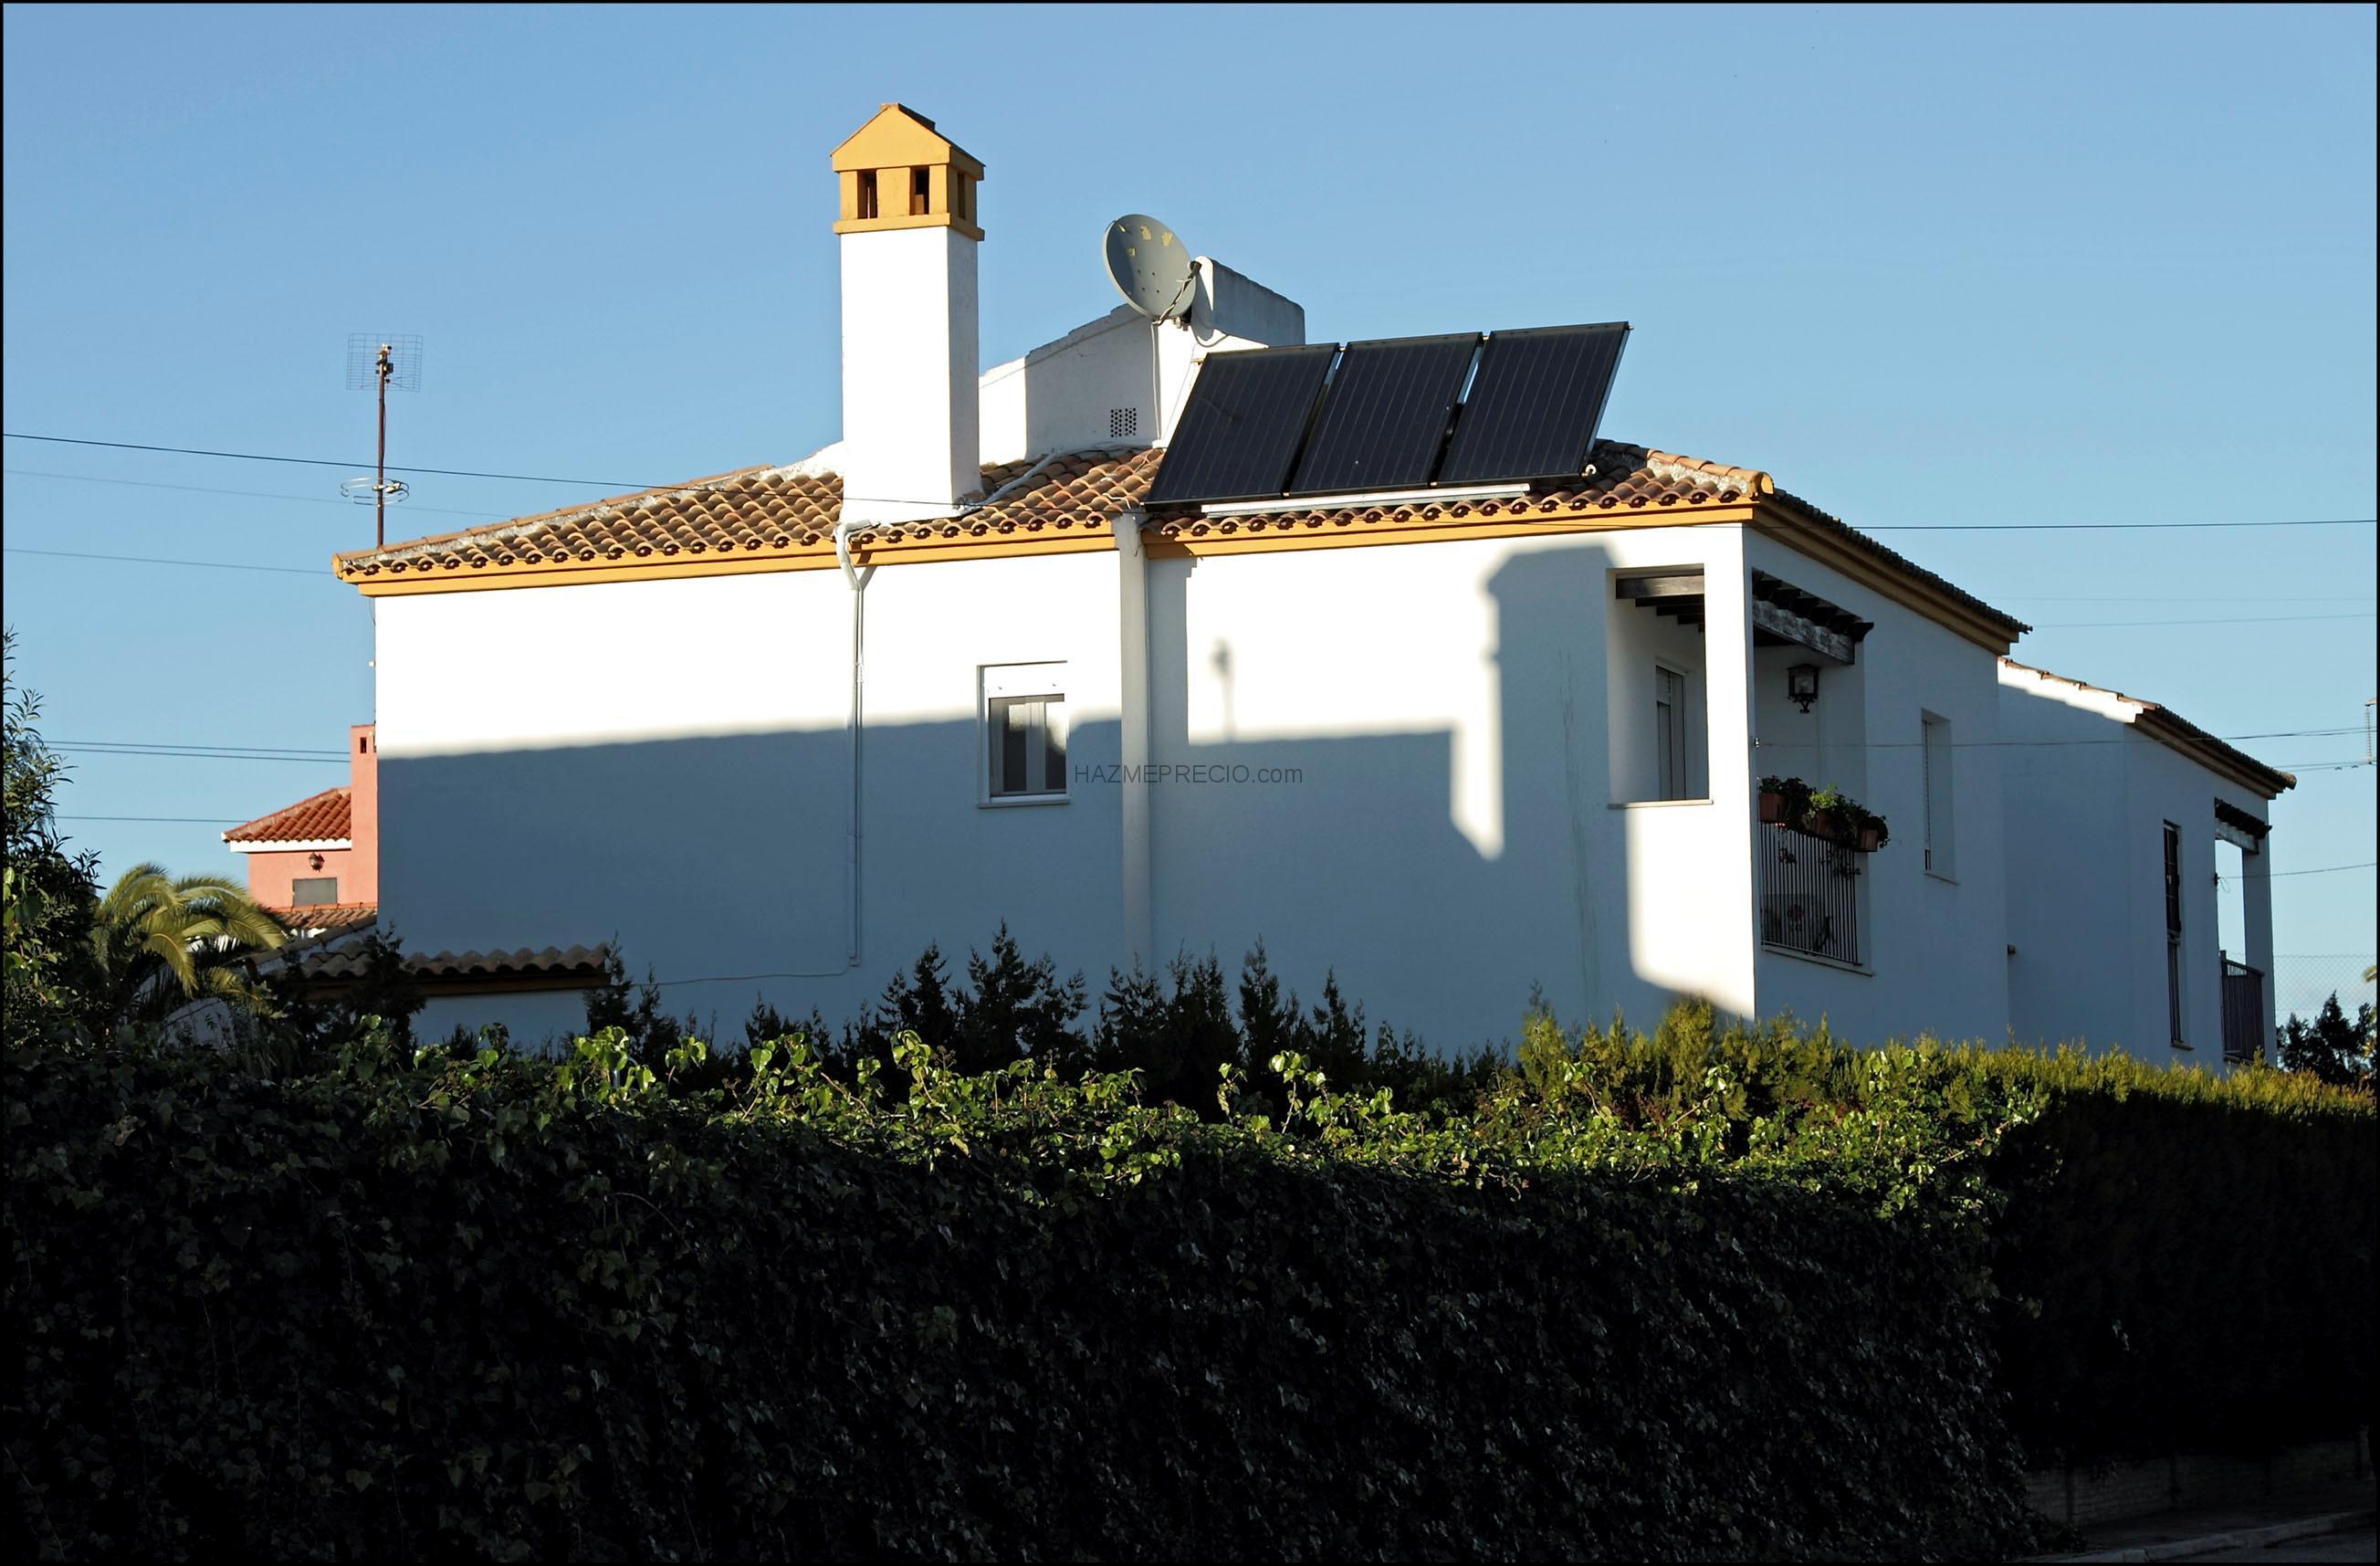 Empresas de energia solar en sevilla for Empresas de electricidad en sevilla